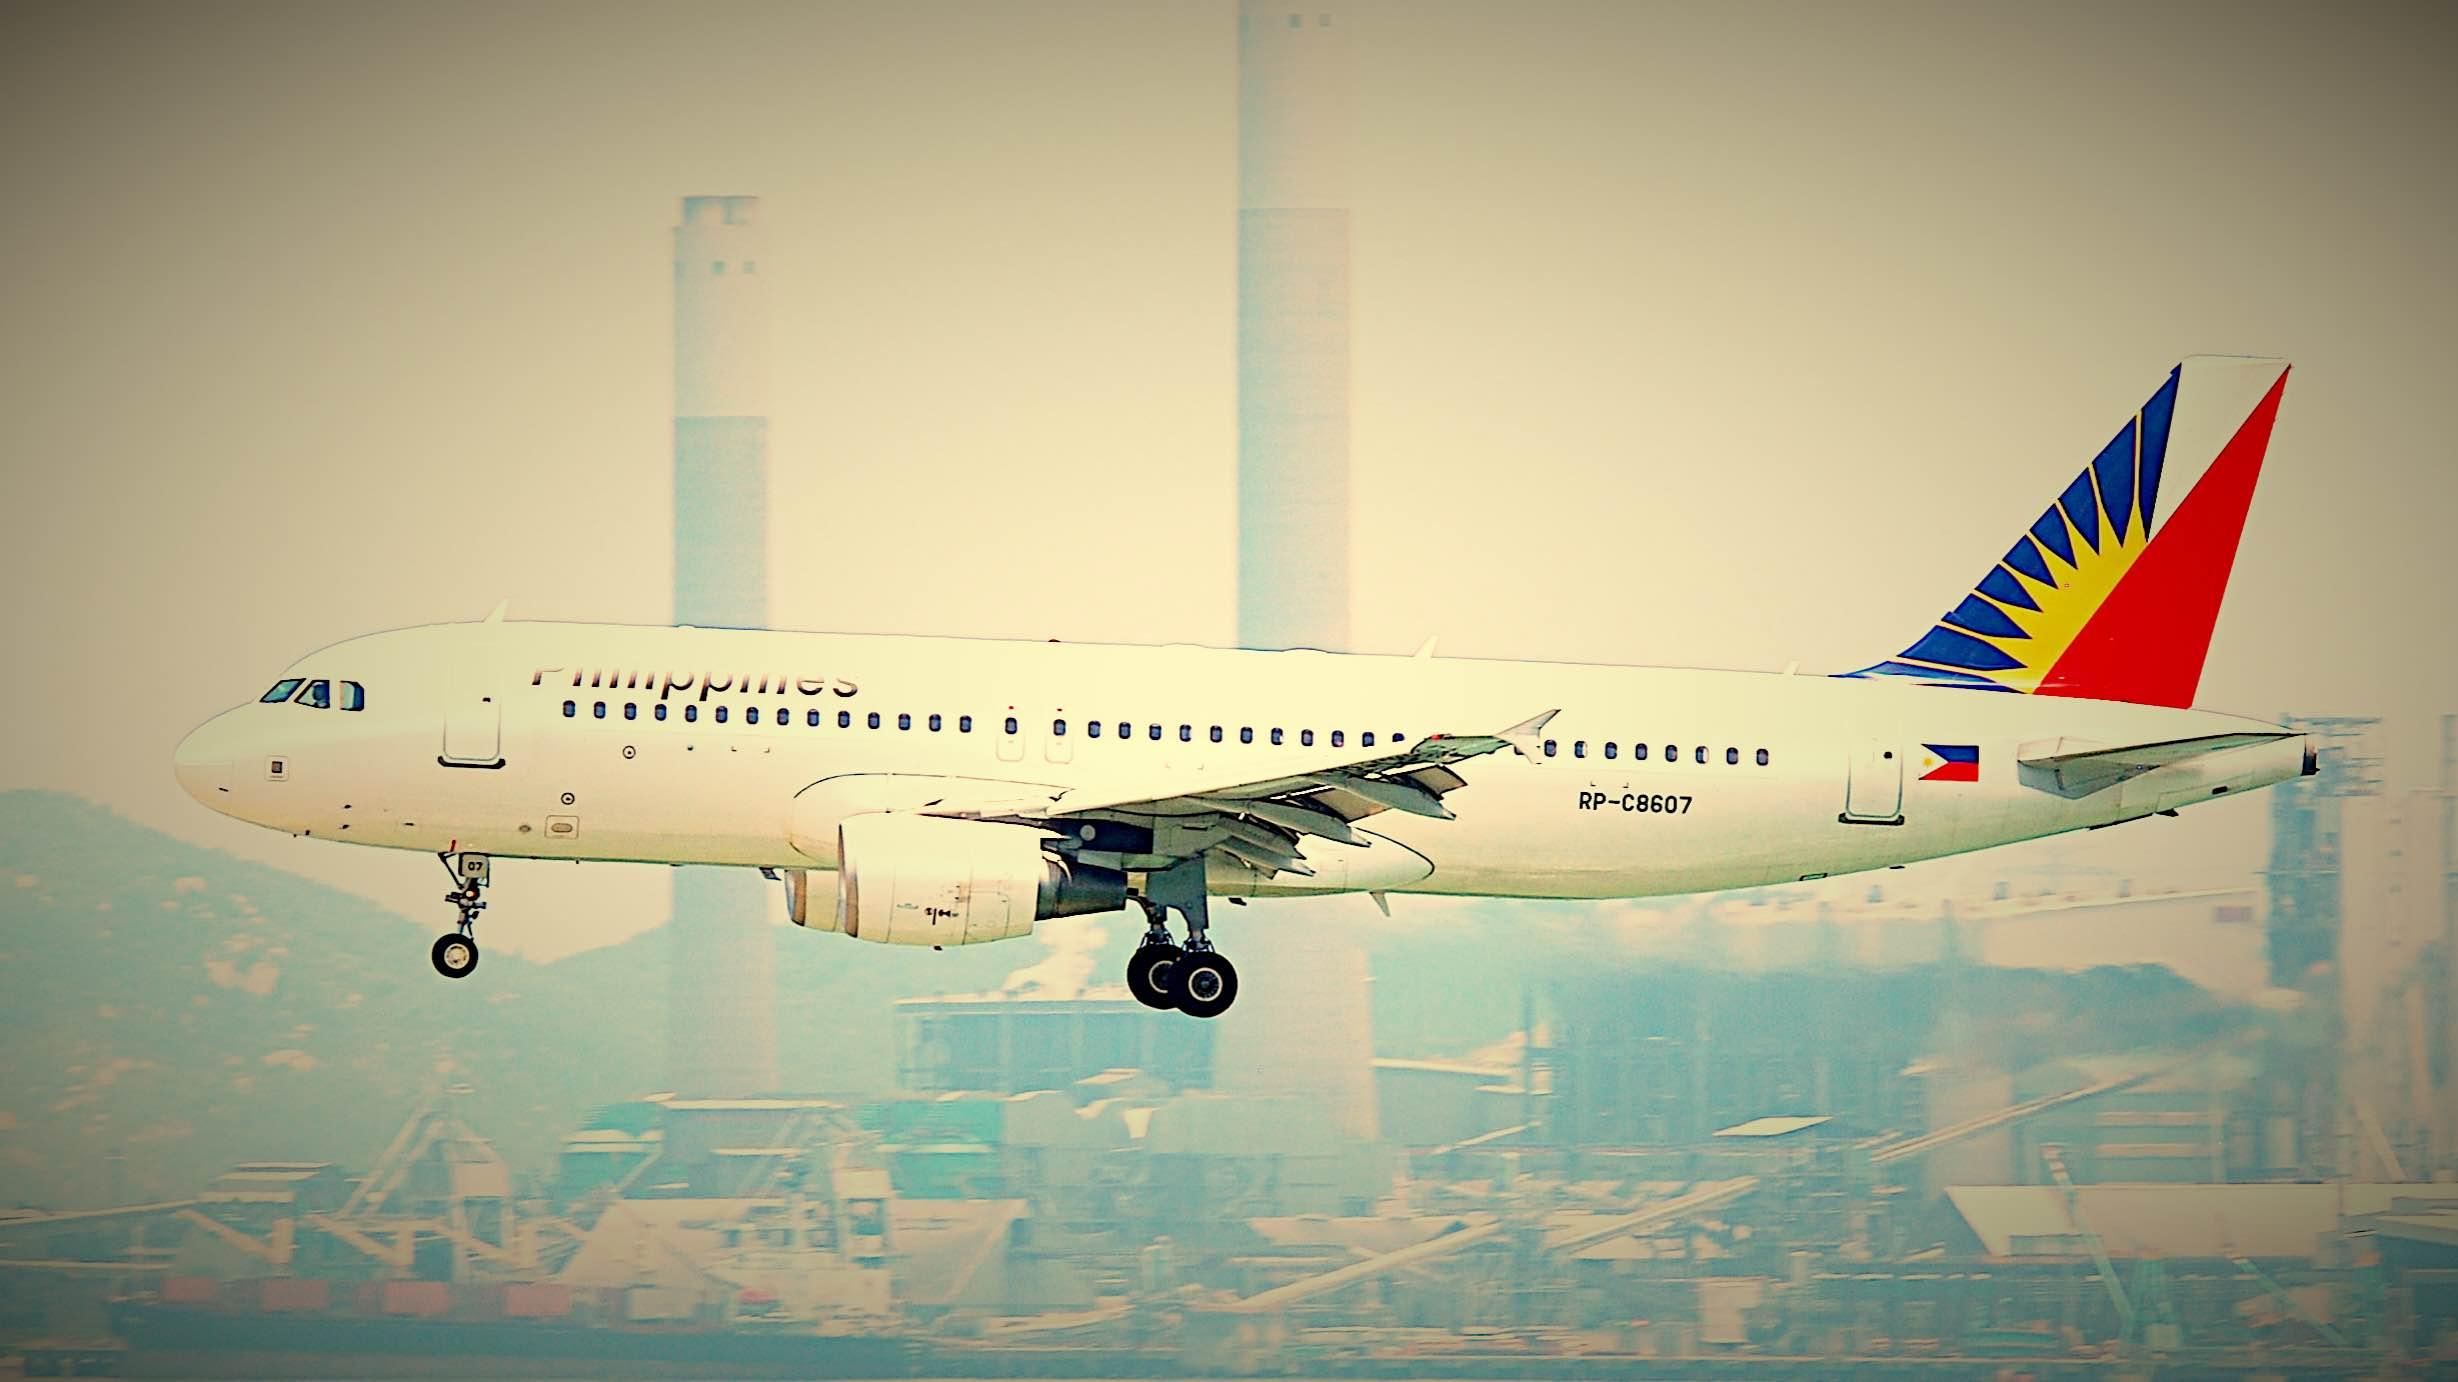 フィリピン-直行−フィリピン航空_Fotor